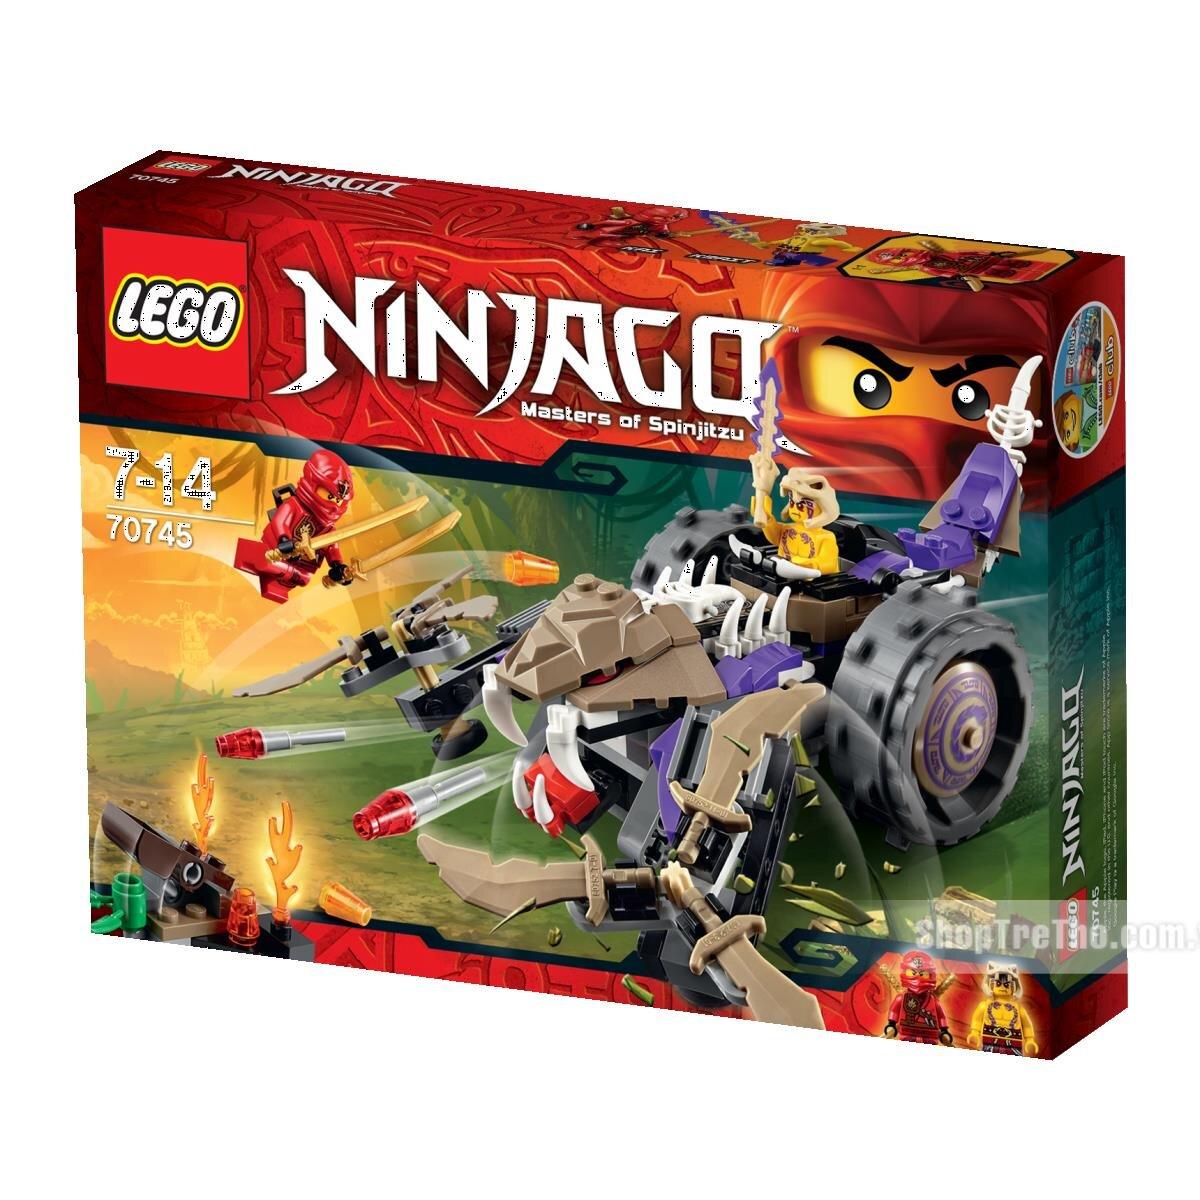 Bộ xếp hình Máy nghiền độc xà Lego Ninjago 70745